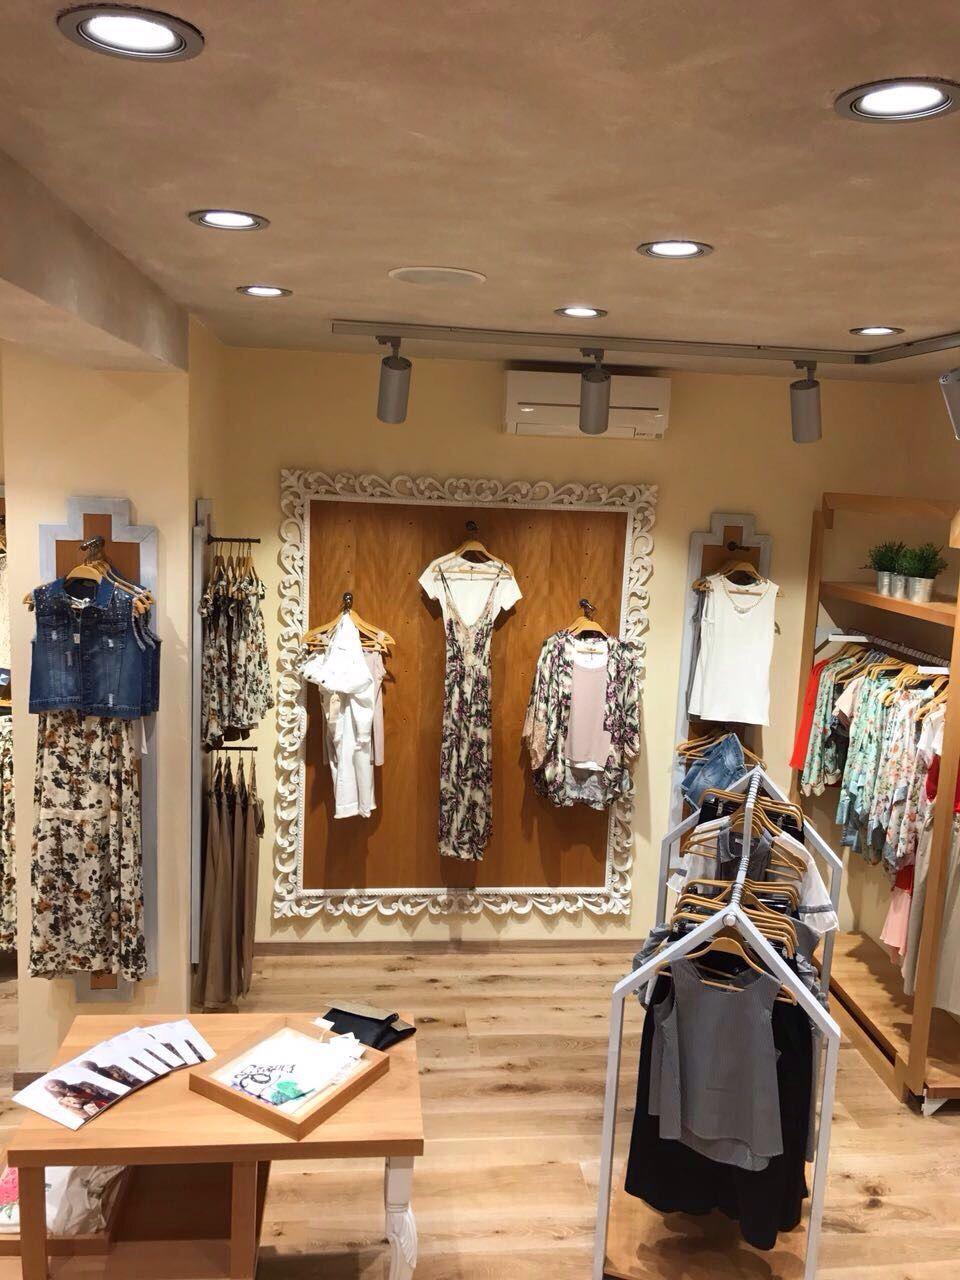 Flagship store monomarca Milano via Torino 51 #flagship #store #milano #fashion #nastyco #style